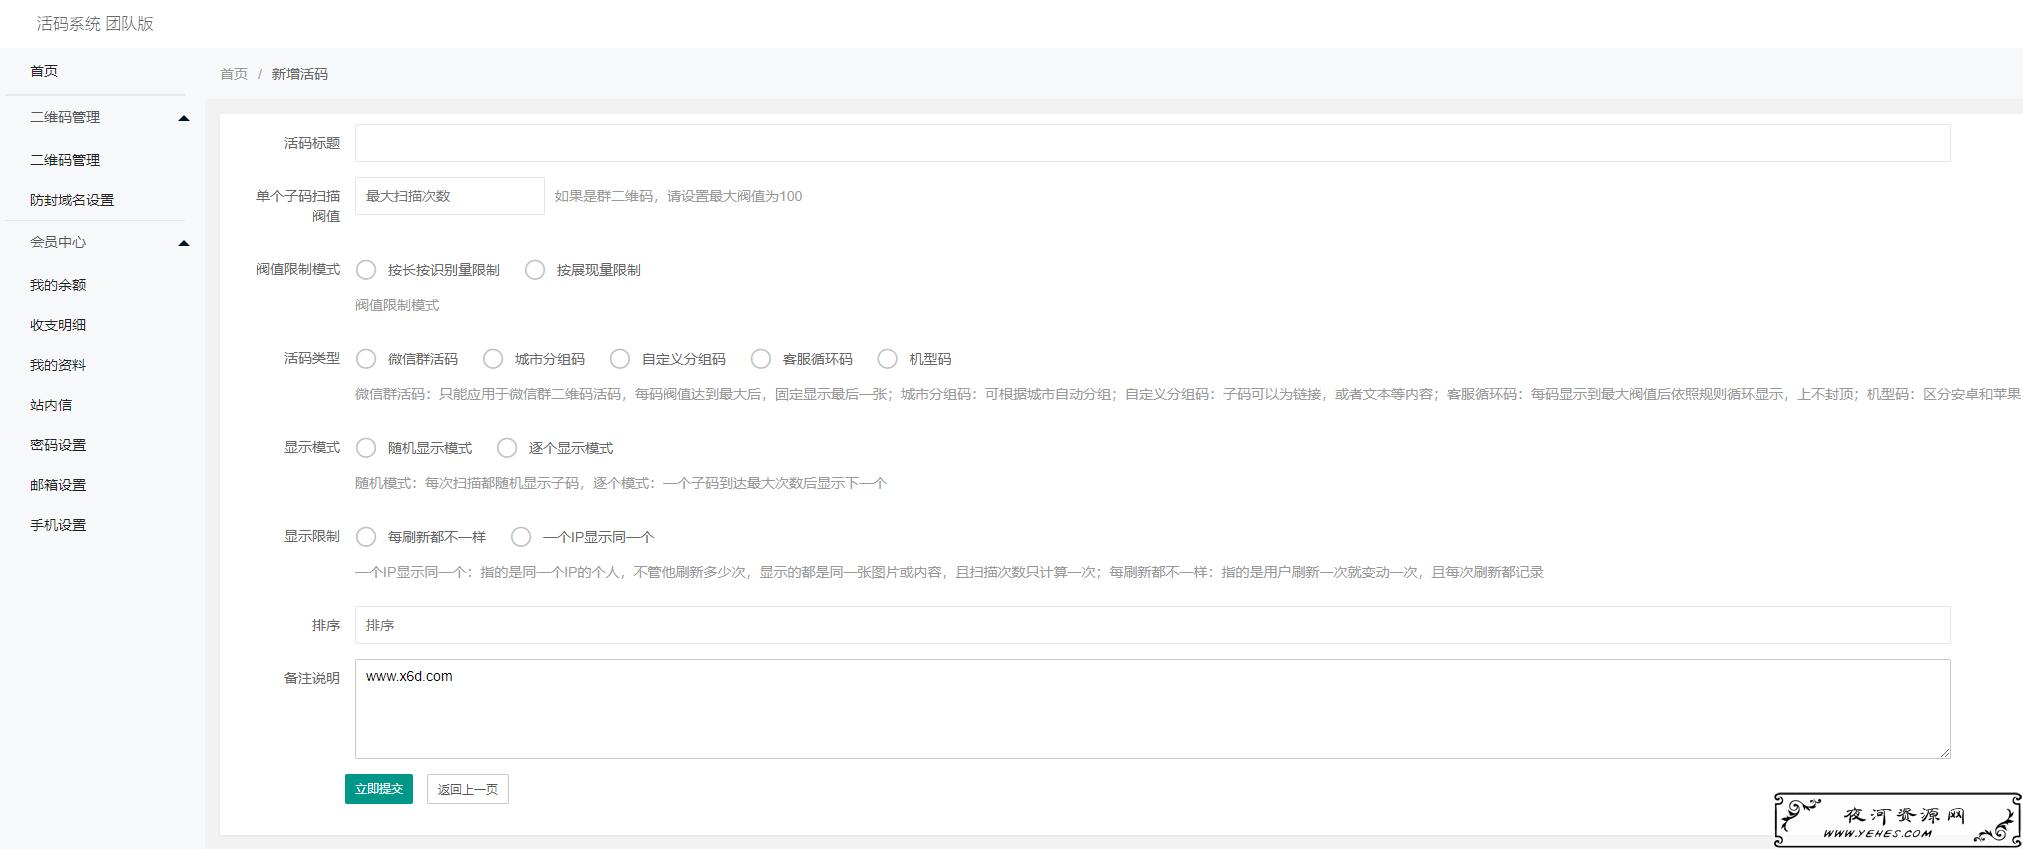 最新微信二维码活码源码